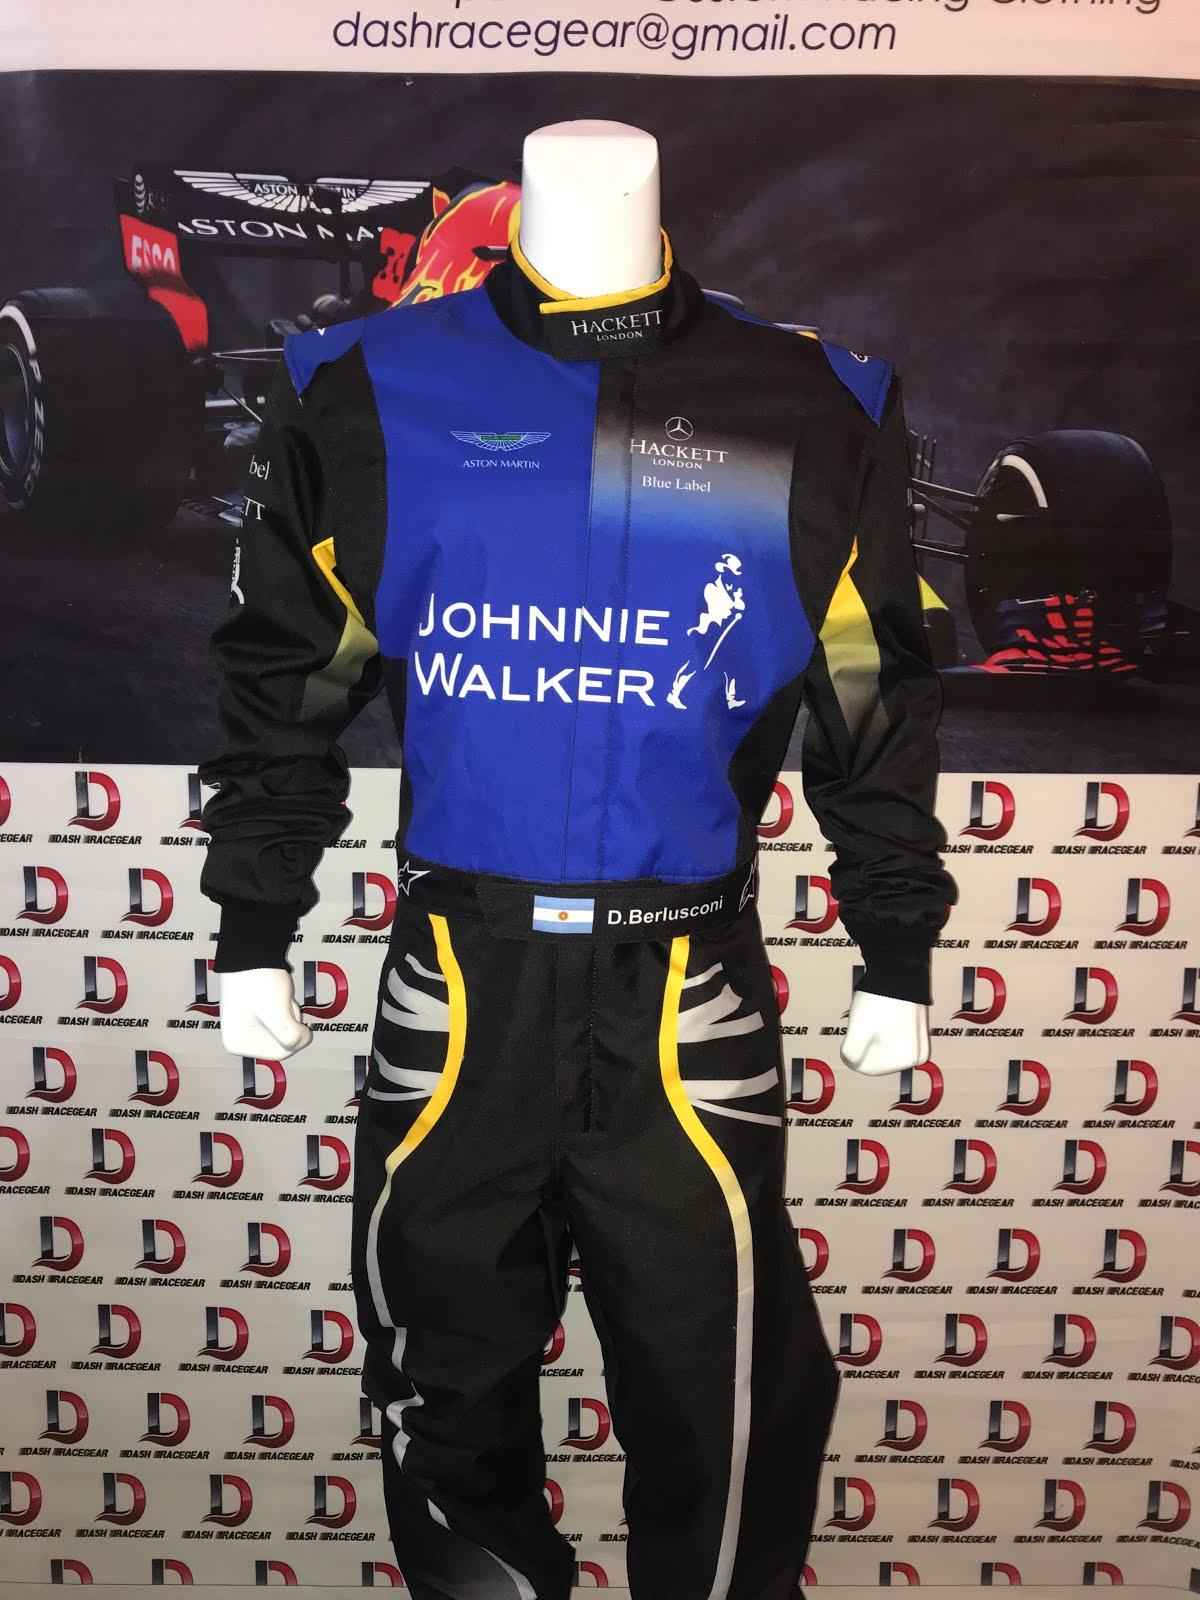 Johnni Walker Go Kart Race Suit CIK//FIA Level 2 Karting Suit Karting Race Gloves